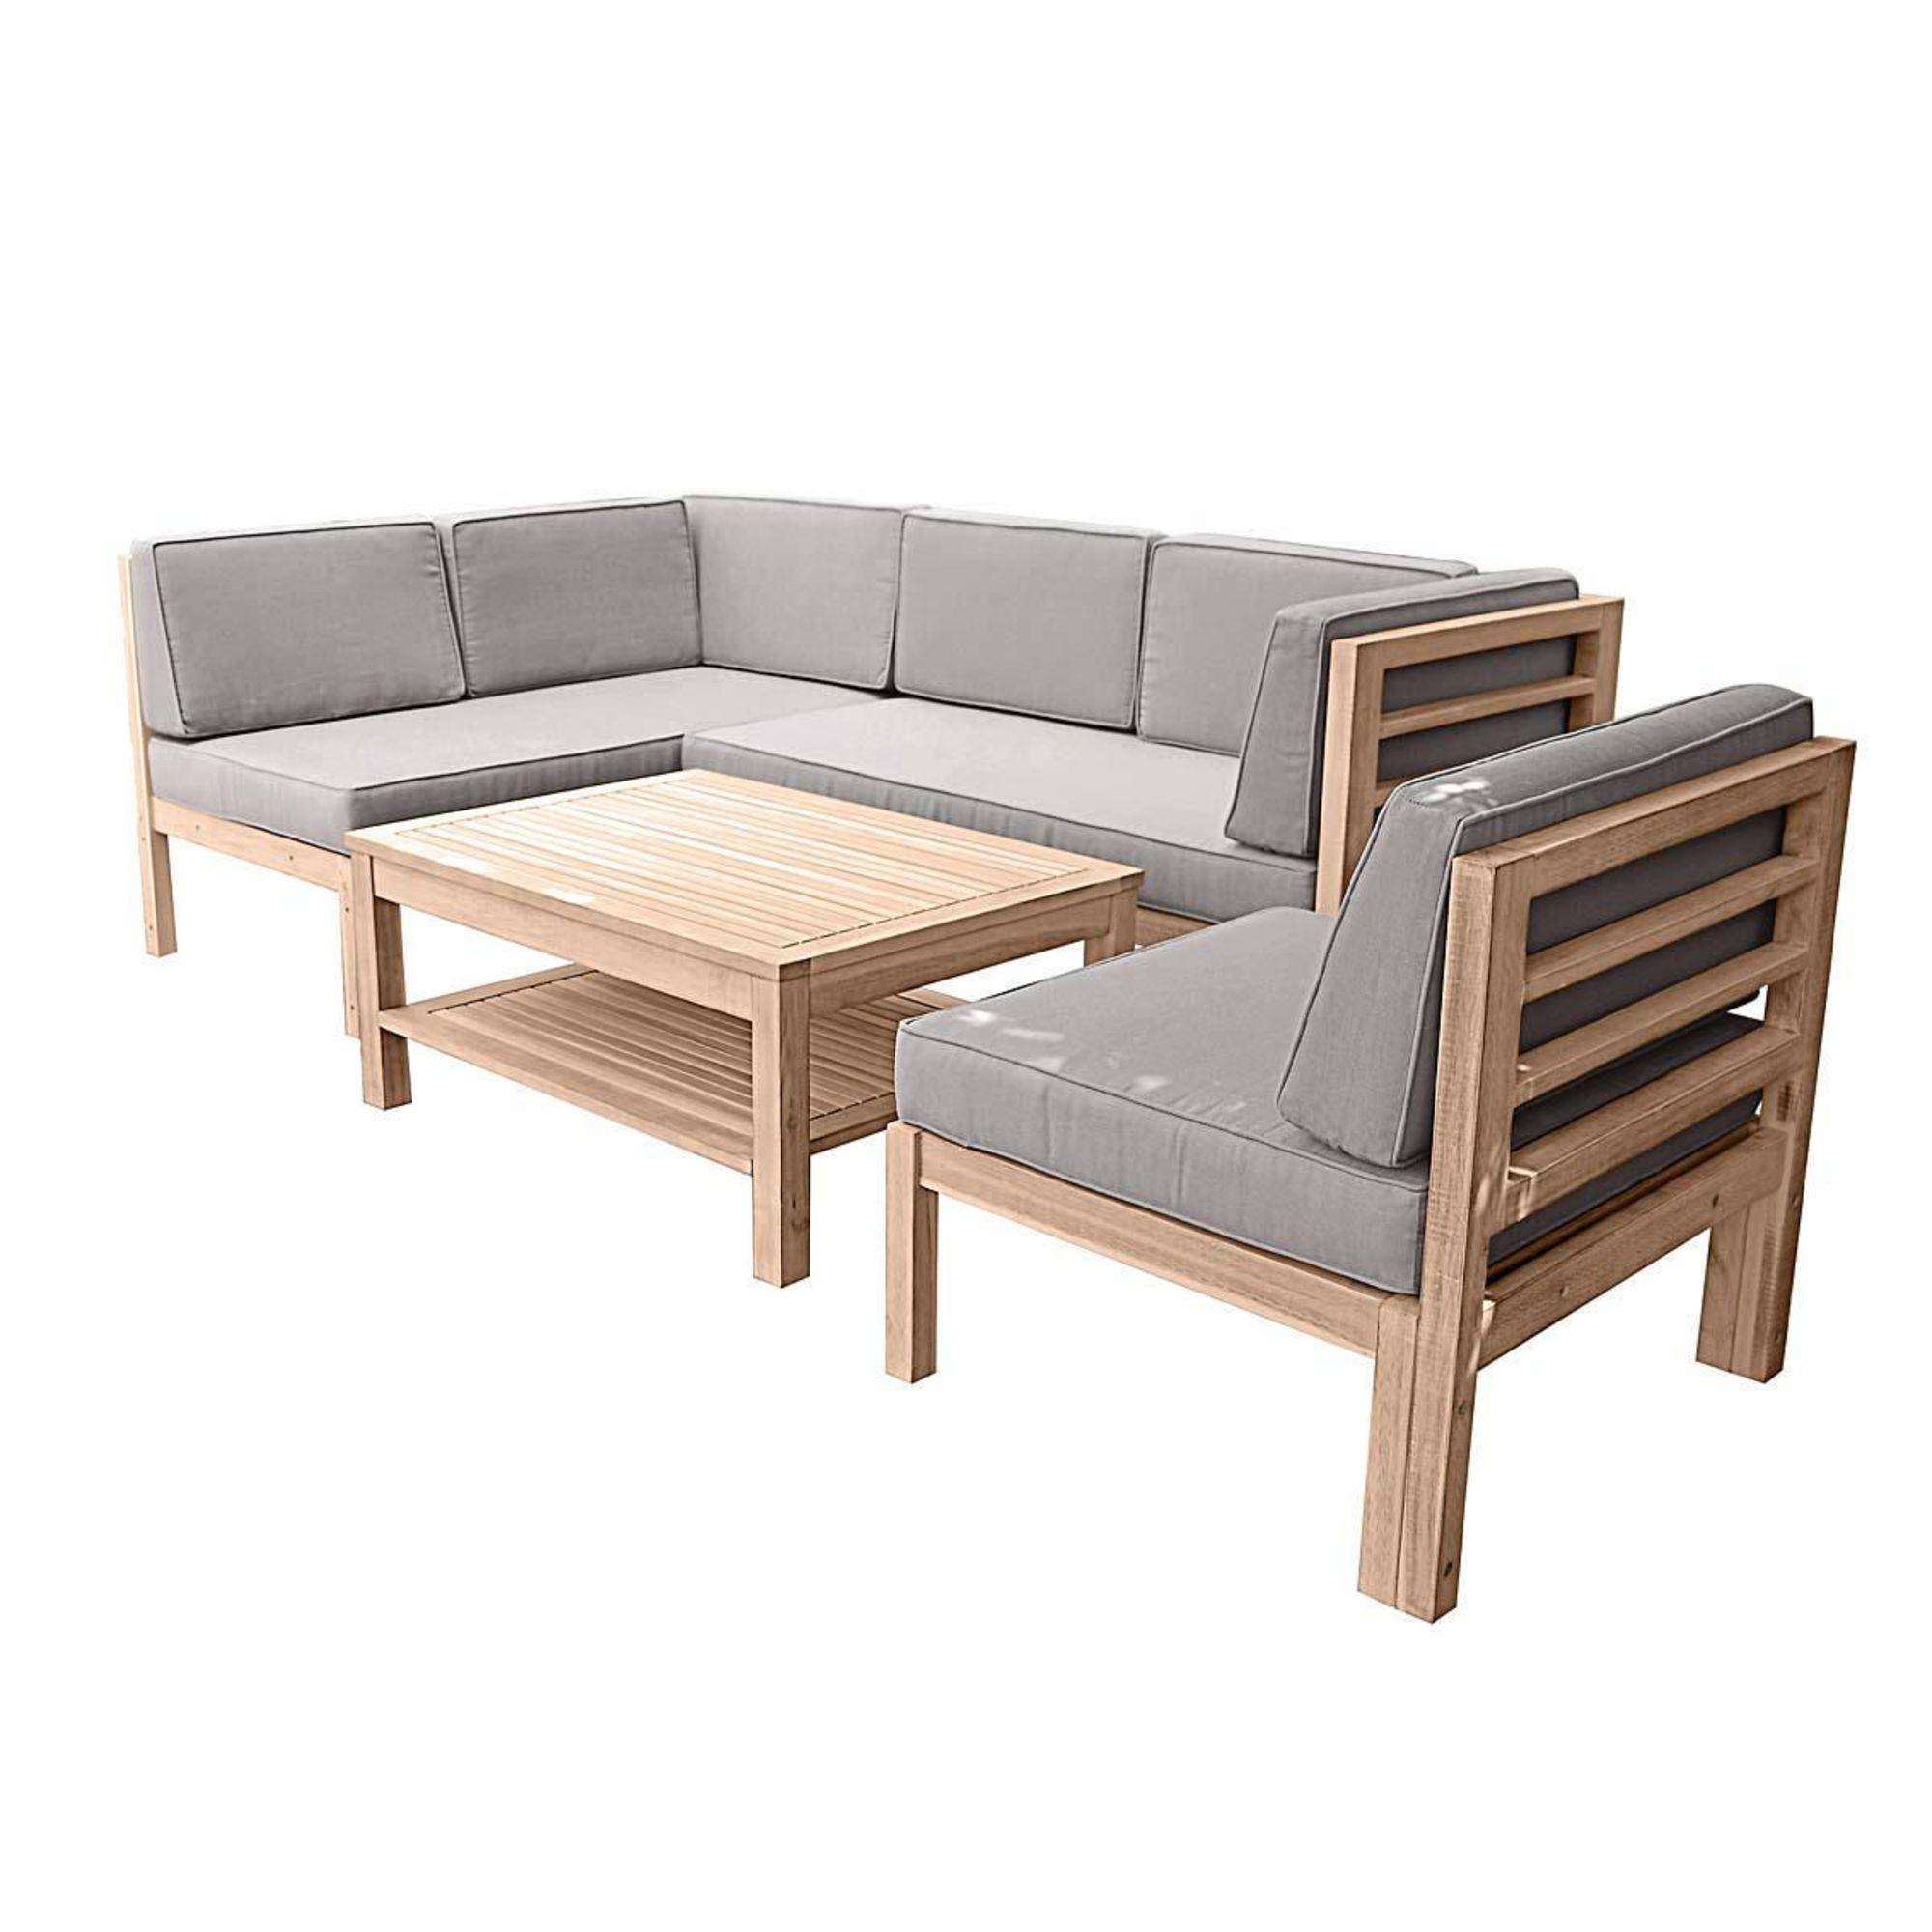 Gartenmbel Set Holz. Gartenmbel Holz Lounge Cambridge With